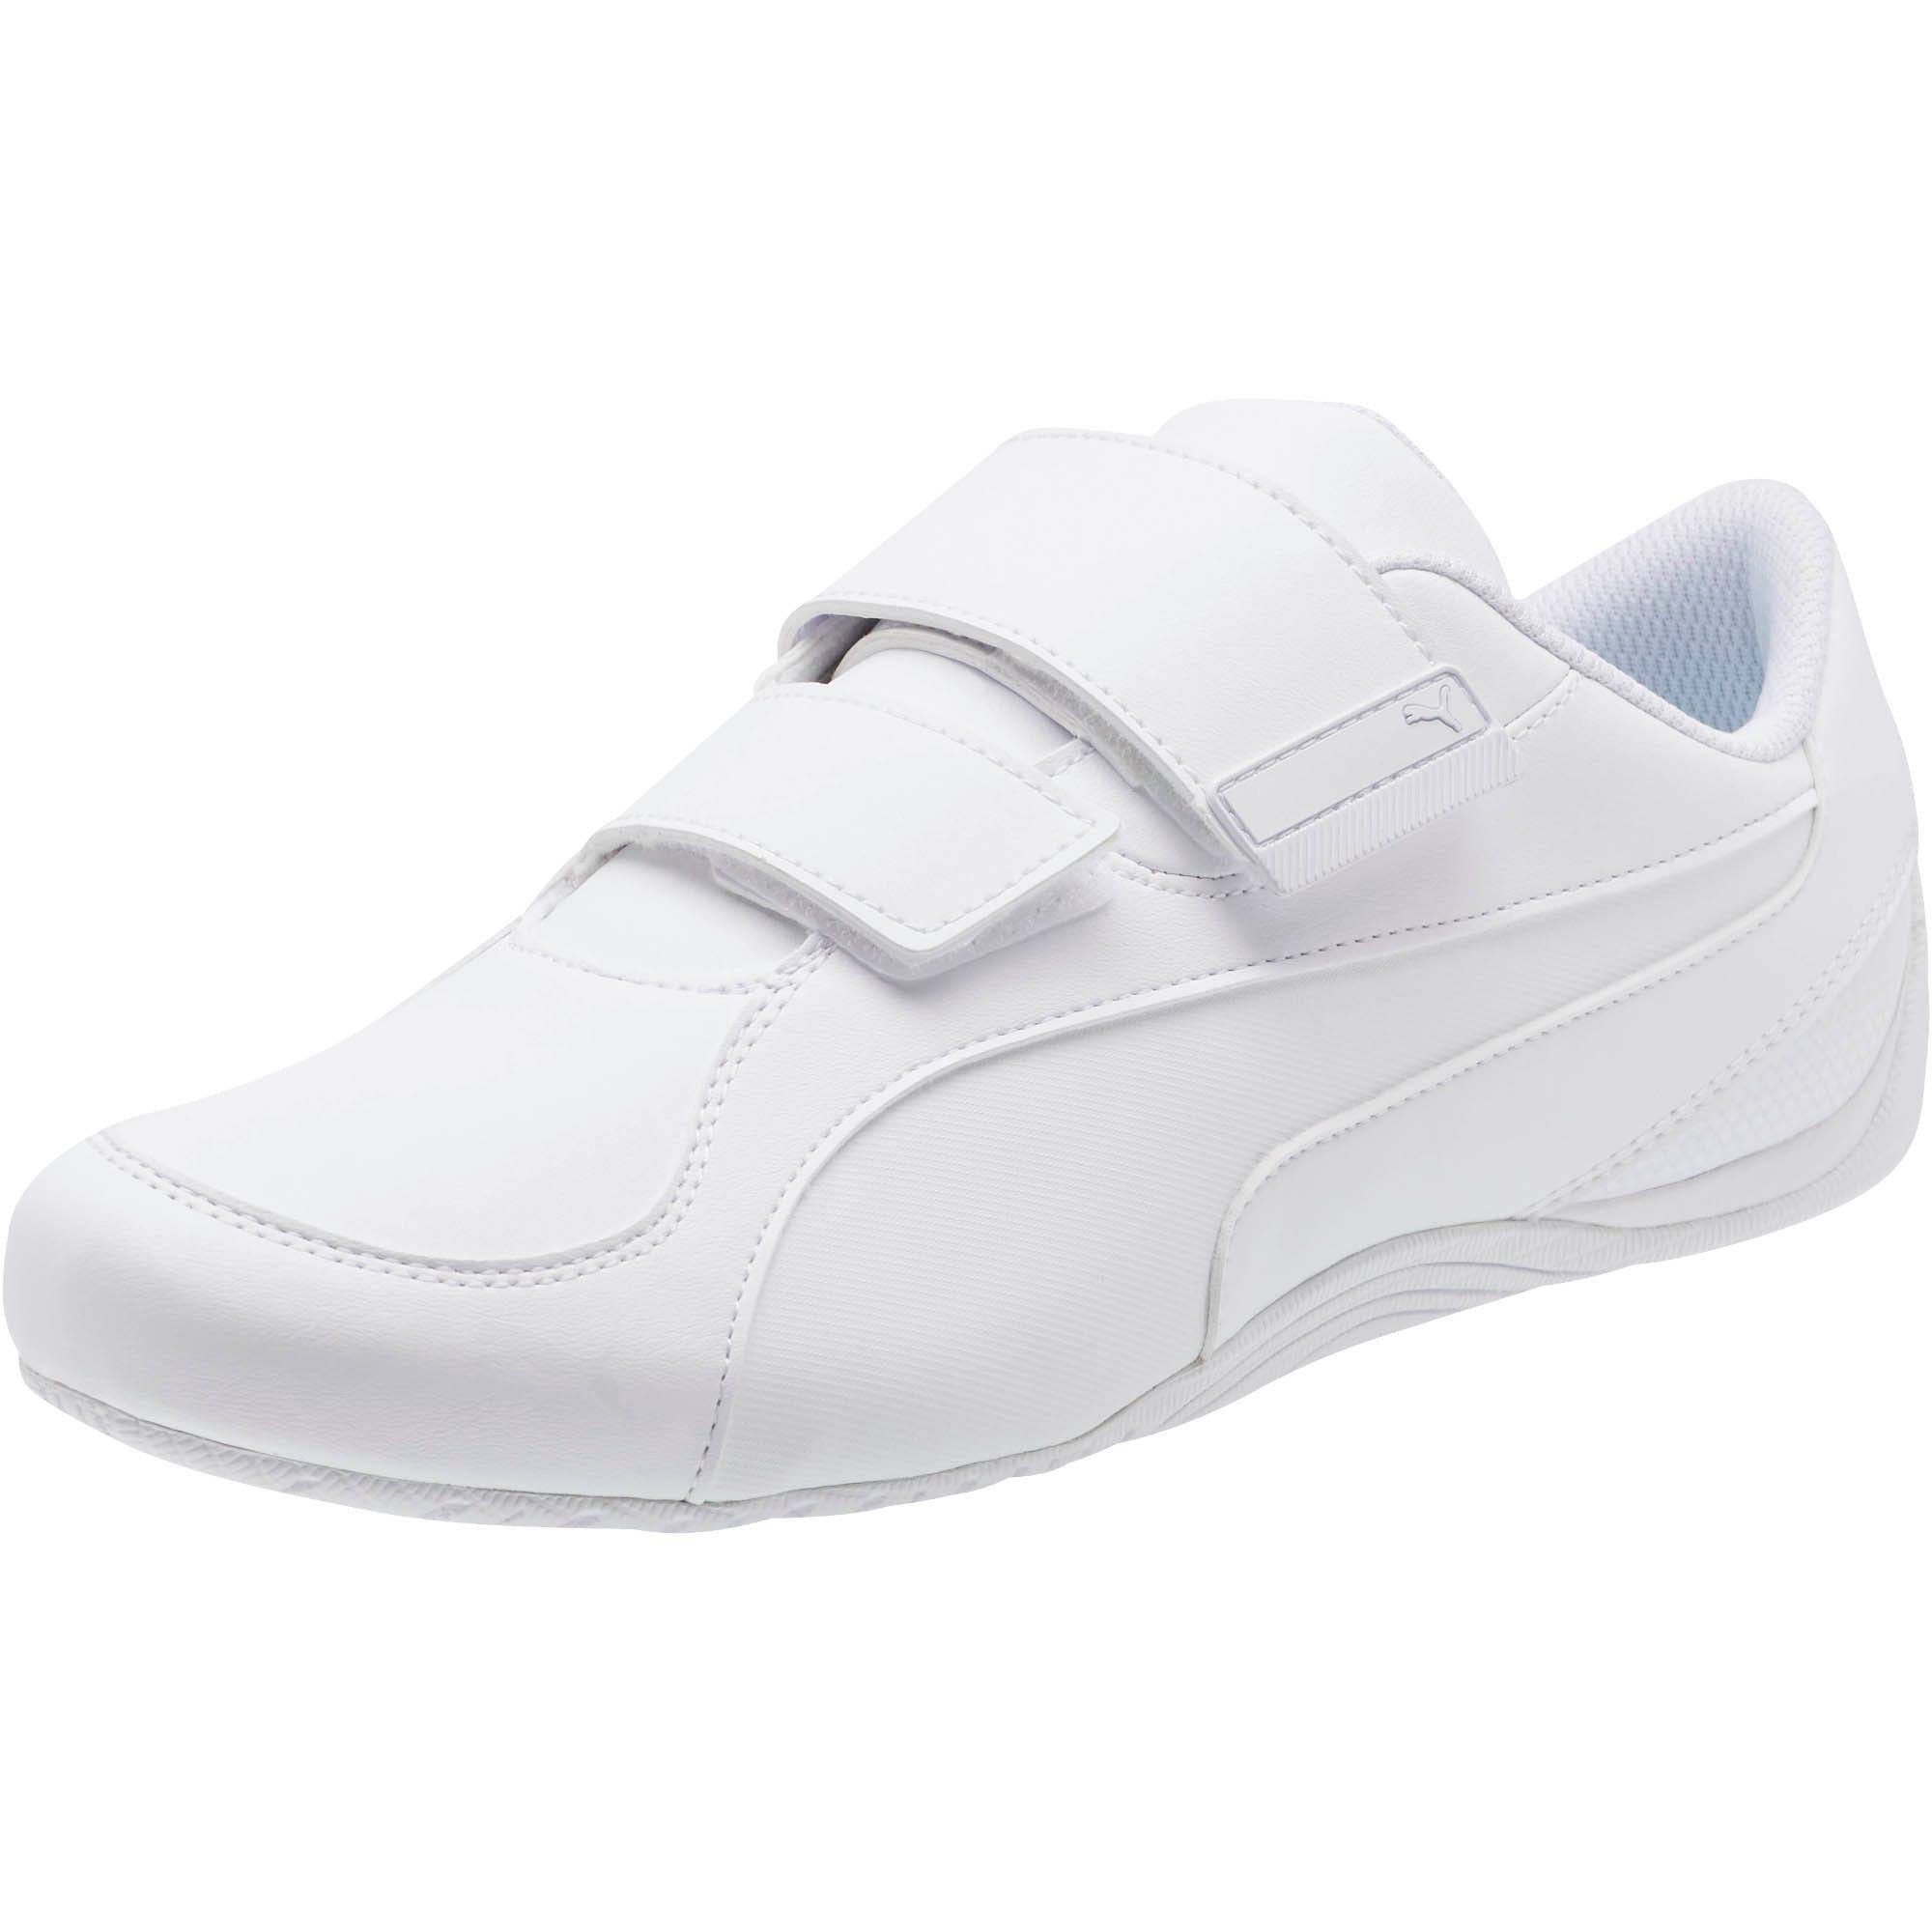 Miniatura 1 de ZapatosDrift Cat5AC para hombre, Puma White-Puma White, mediano